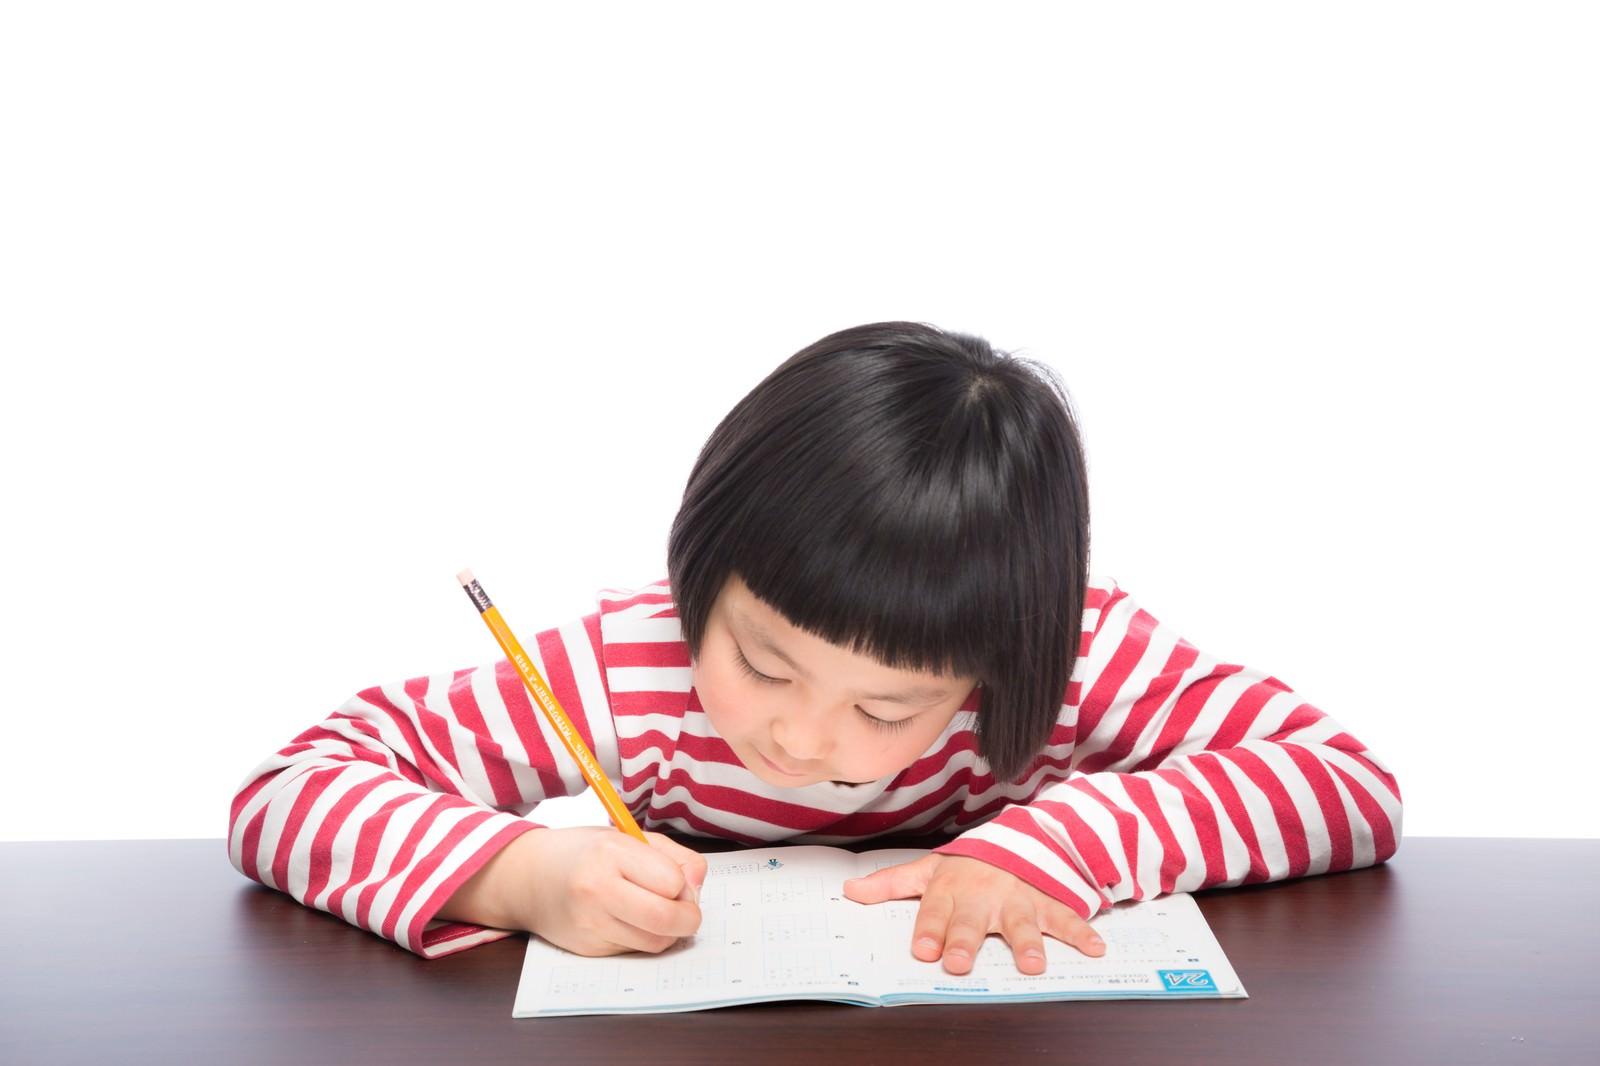 「宿題をがんばる前髪パッツンの女の子宿題をがんばる前髪パッツンの女の子」[モデル:ゆうき]のフリー写真素材を拡大